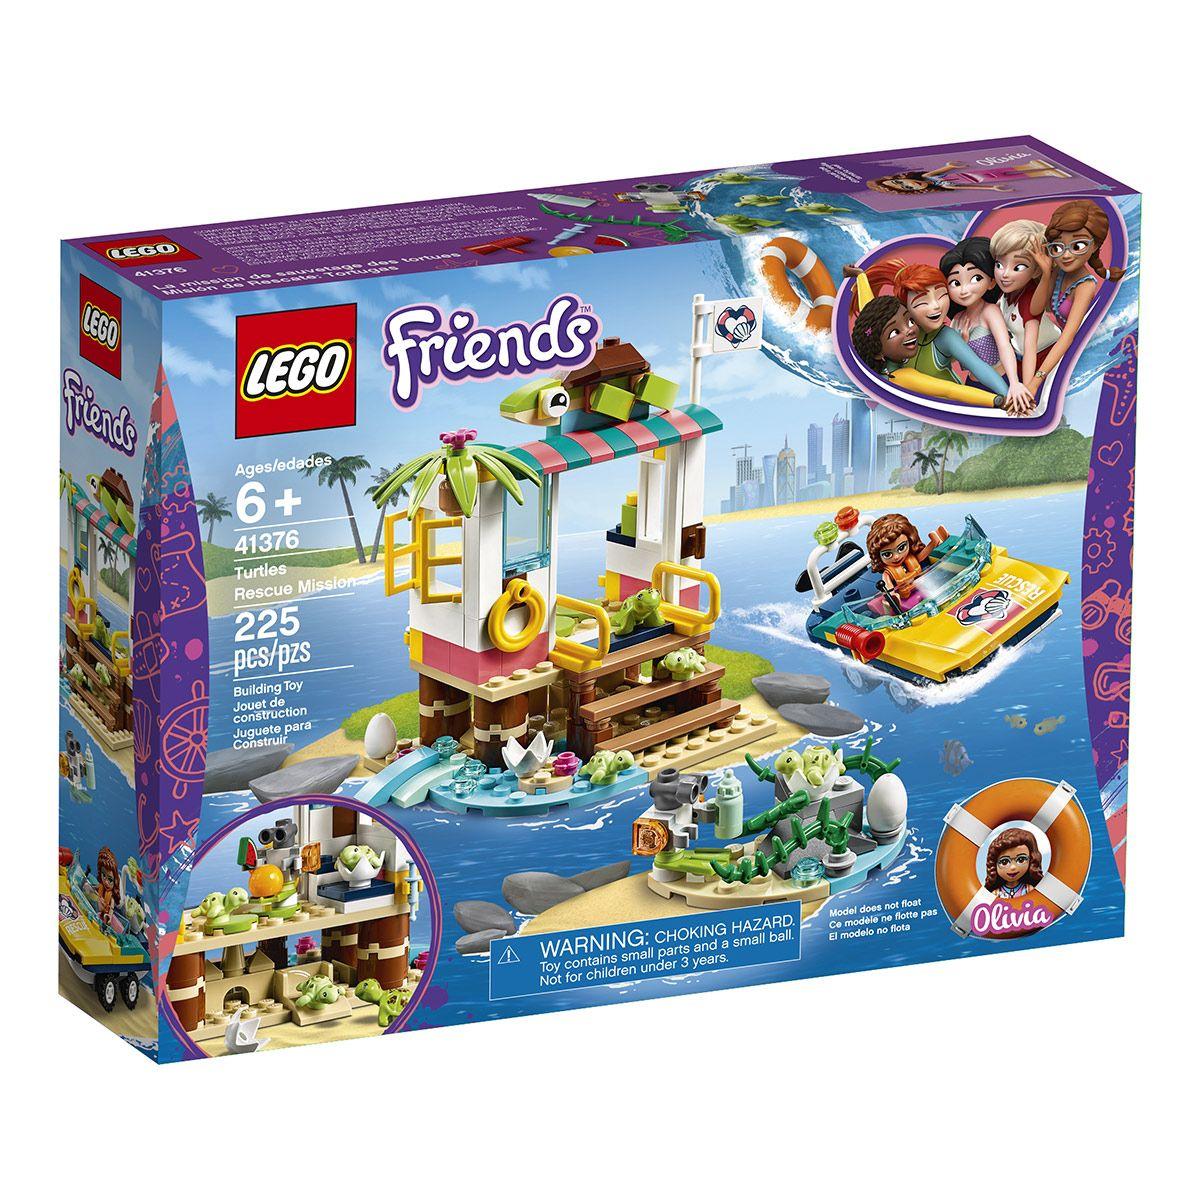 Des Mission La Friends 41376 Sauvetage De Lego® Coffrets Tortues TKlFJc1